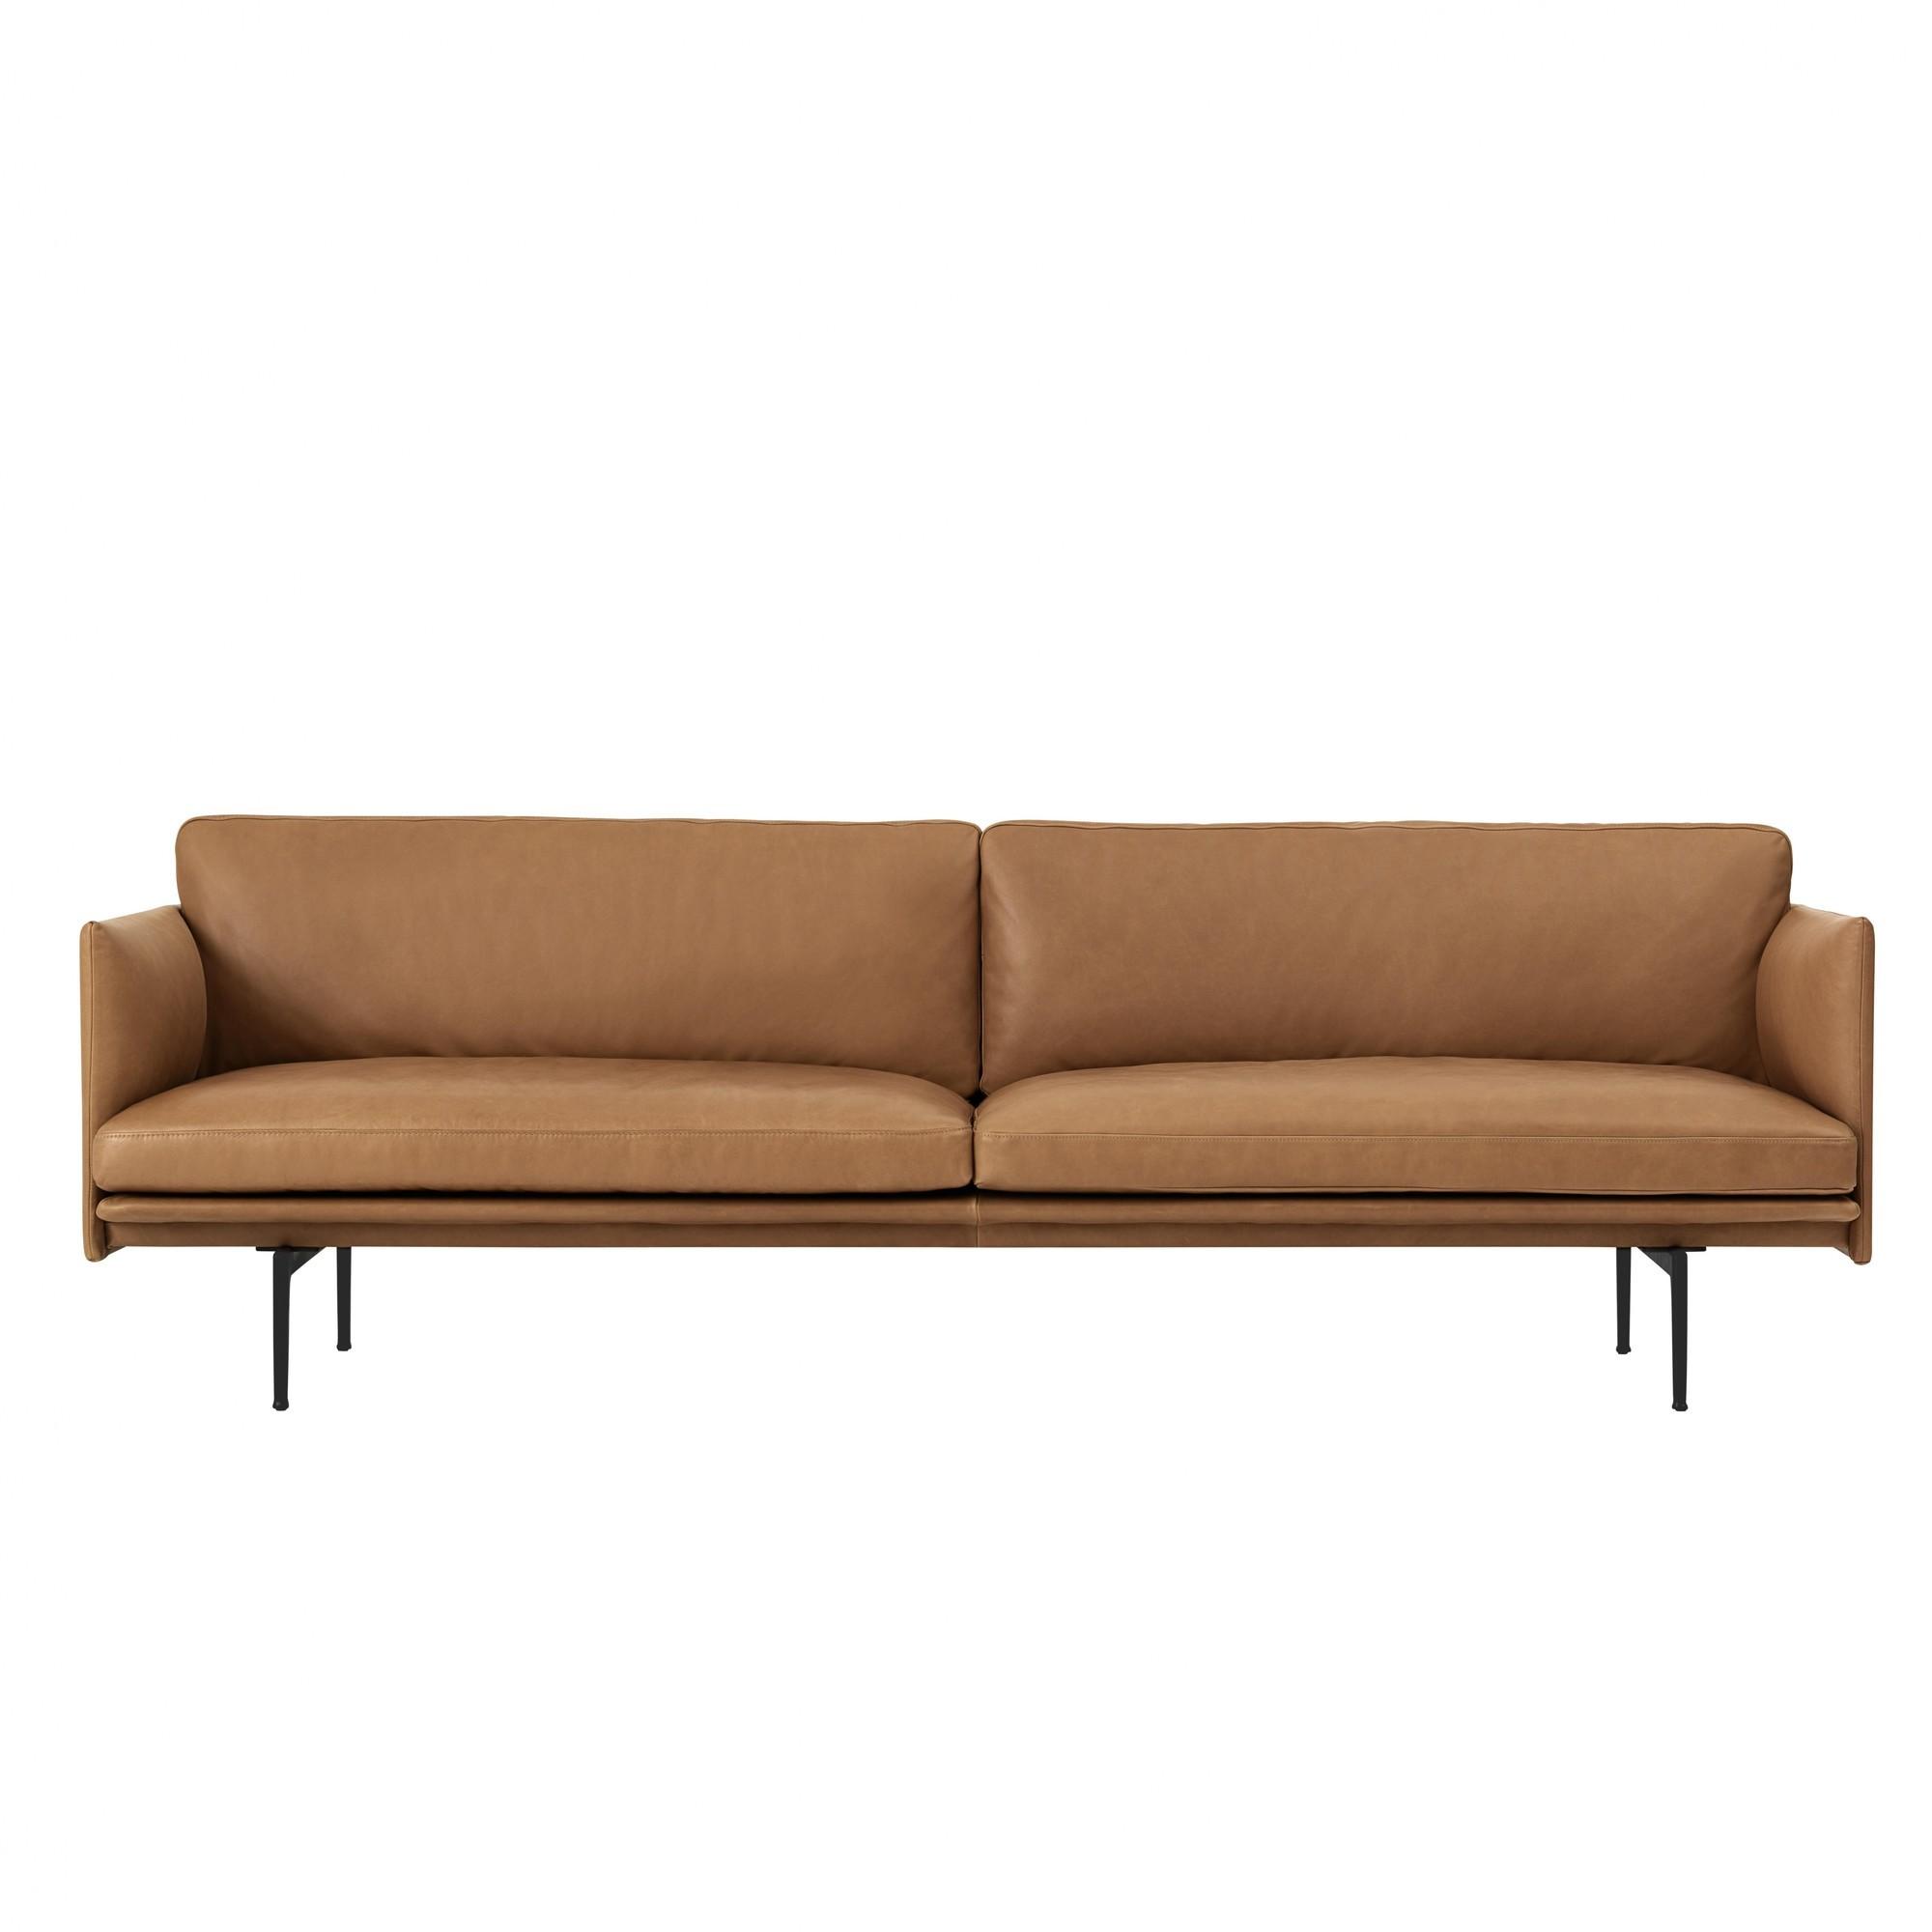 Full Size of Sofa Cognac Muuto Outline 3 Seater Ambientedirect 3er Grau Zweisitzer Erpo Xxl Günstig Mit Verstellbarer Sitztiefe Bunt 2 Sitzer Schlaffunktion Bezug Big Sofa Sofa Cognac